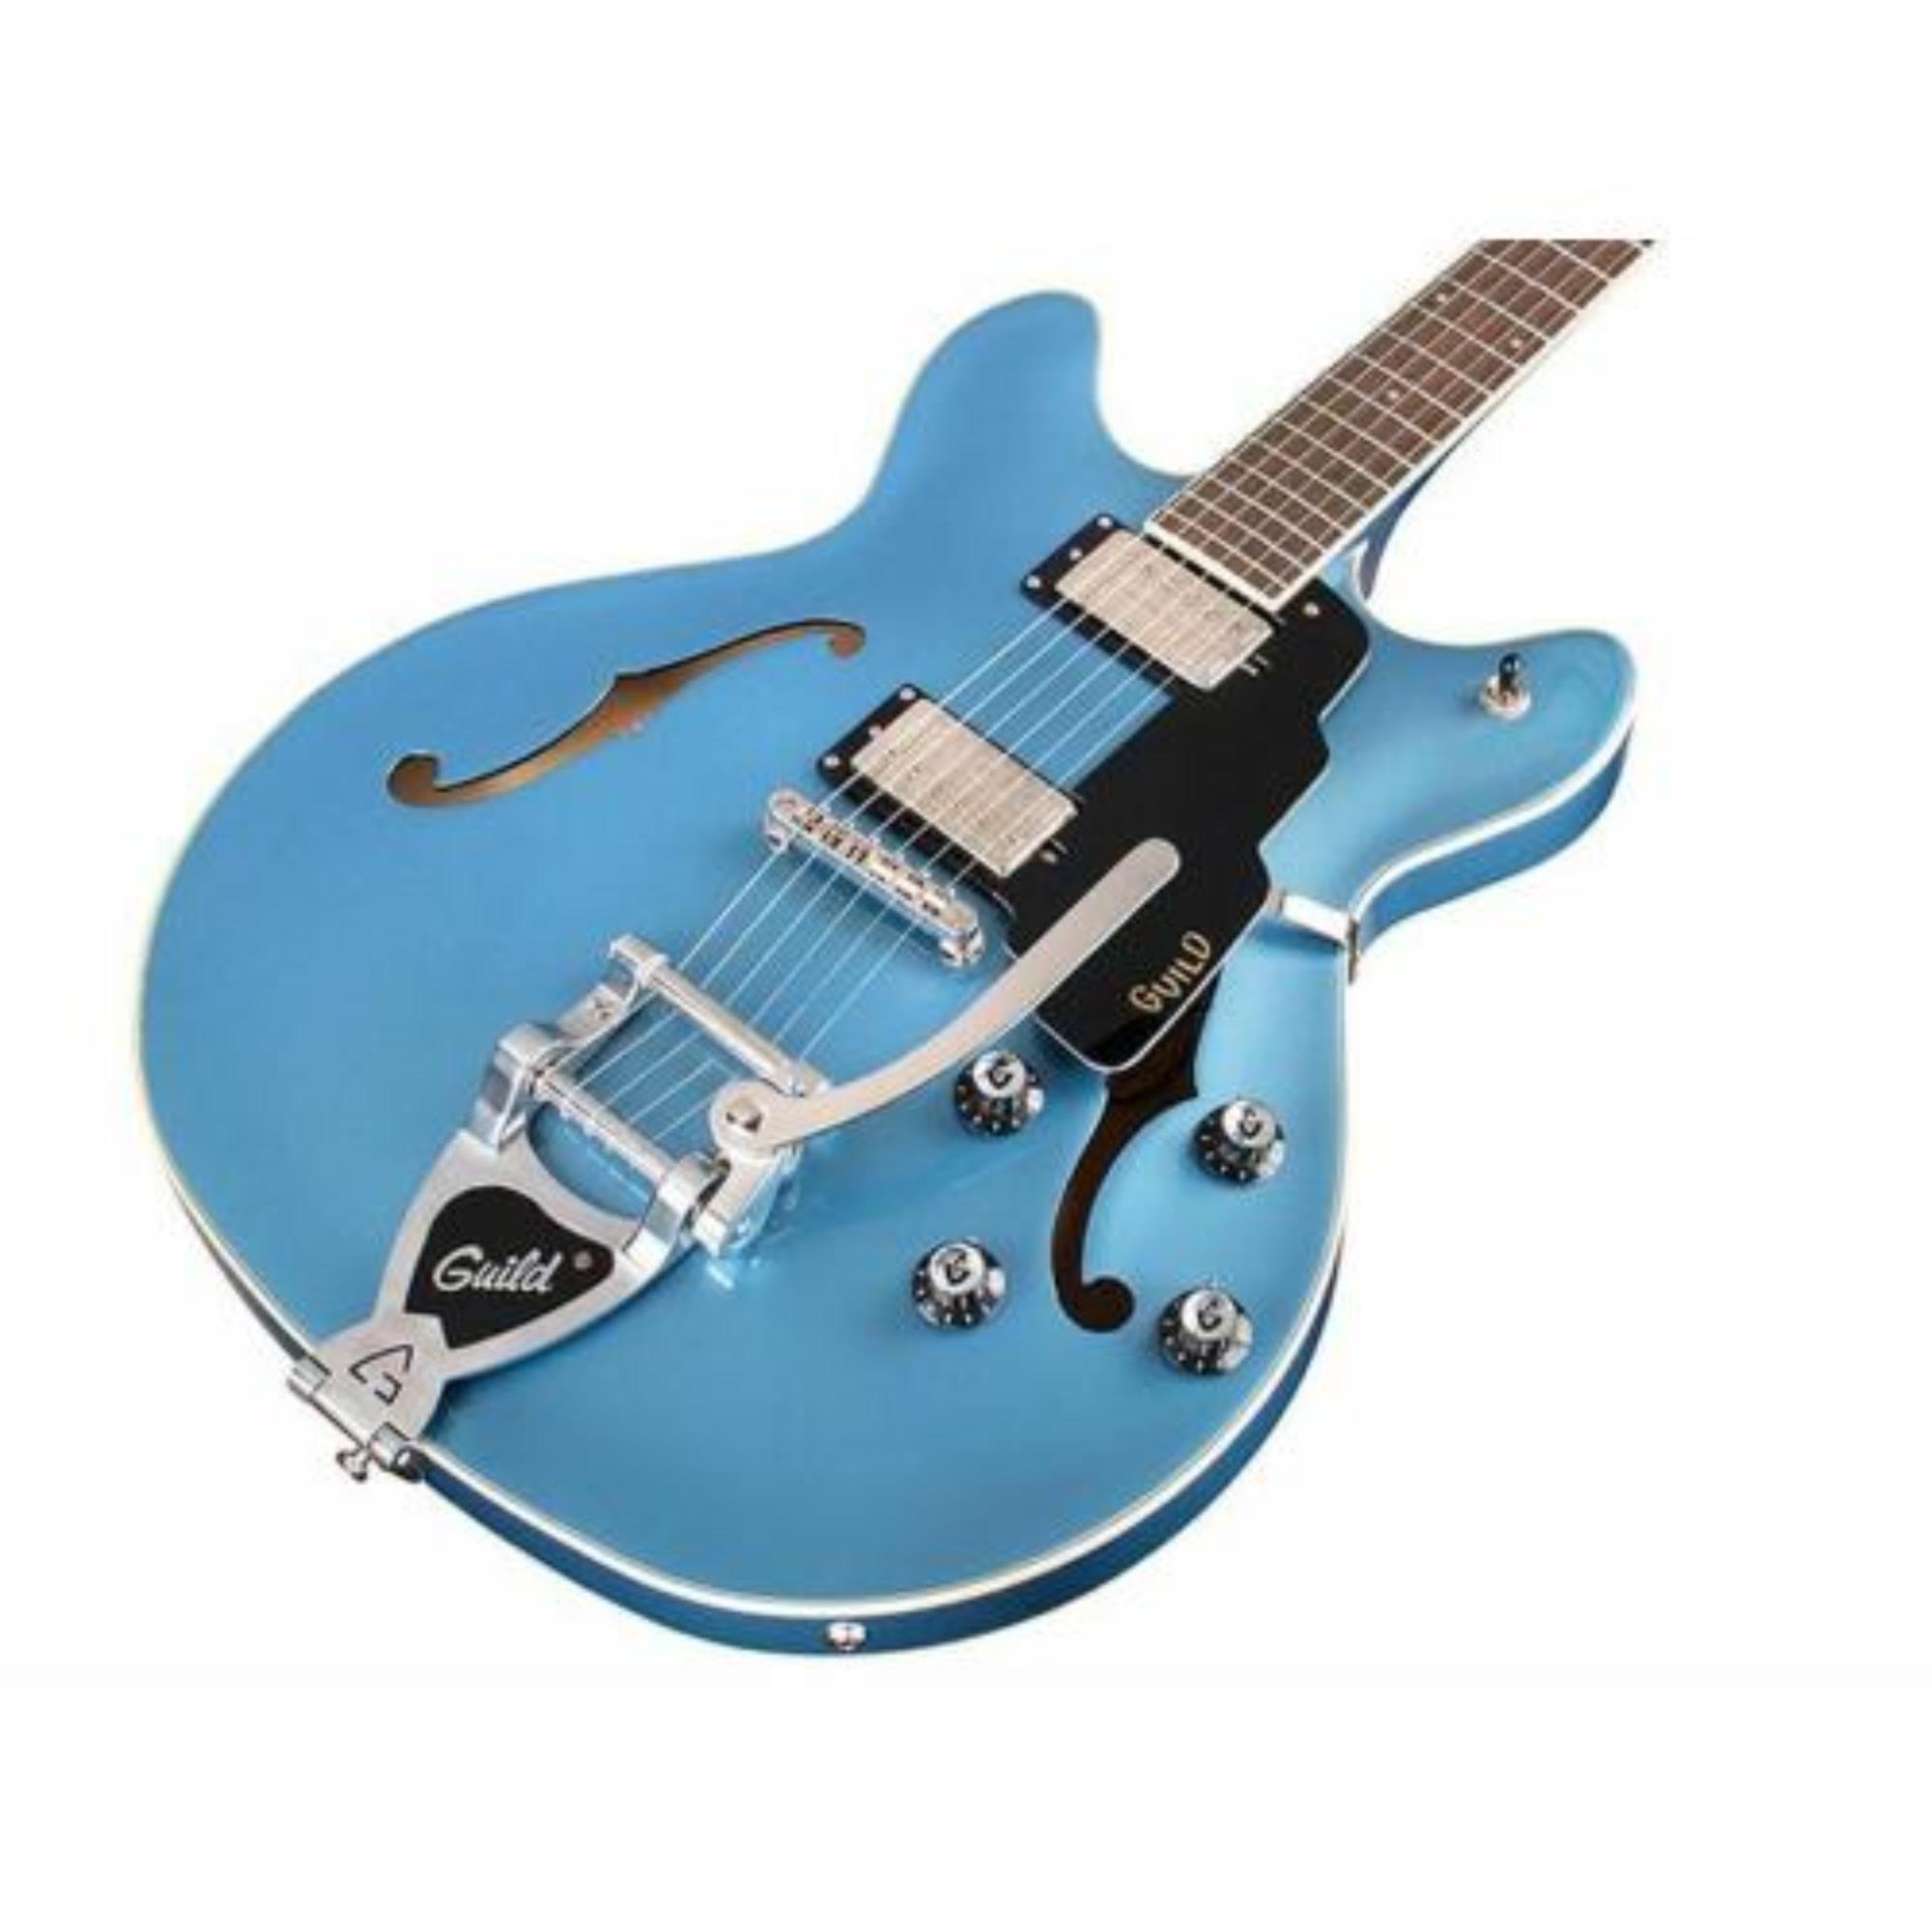 GUILD-STARFIRE-I-DC-PELHAM-BLUE-sku-24710